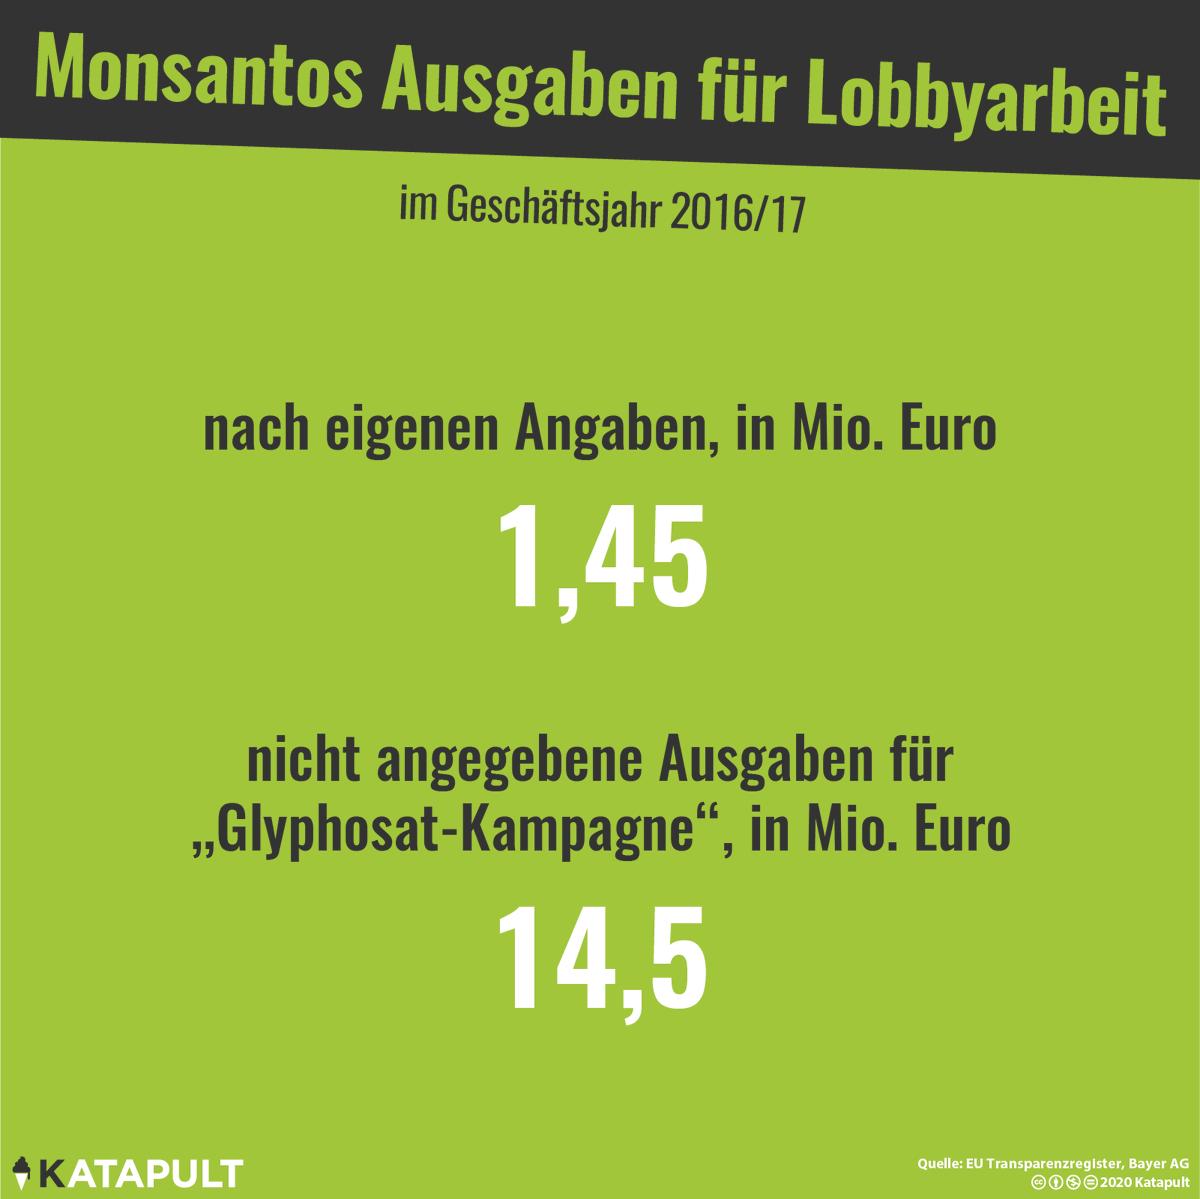 #Monsanto bildet keine Ausnahme. Der Lobbyismus von Global Playern ist außer Kontrolle geraten. Wenn wir unsere #Demokratie nicht zum Ramschladen des #Kapitalismus verkommen lassen wollen, müssen wir das Thema #Lobbyismus stärker in den Fokus der allgemeinen Aufmerksamkeit rücken